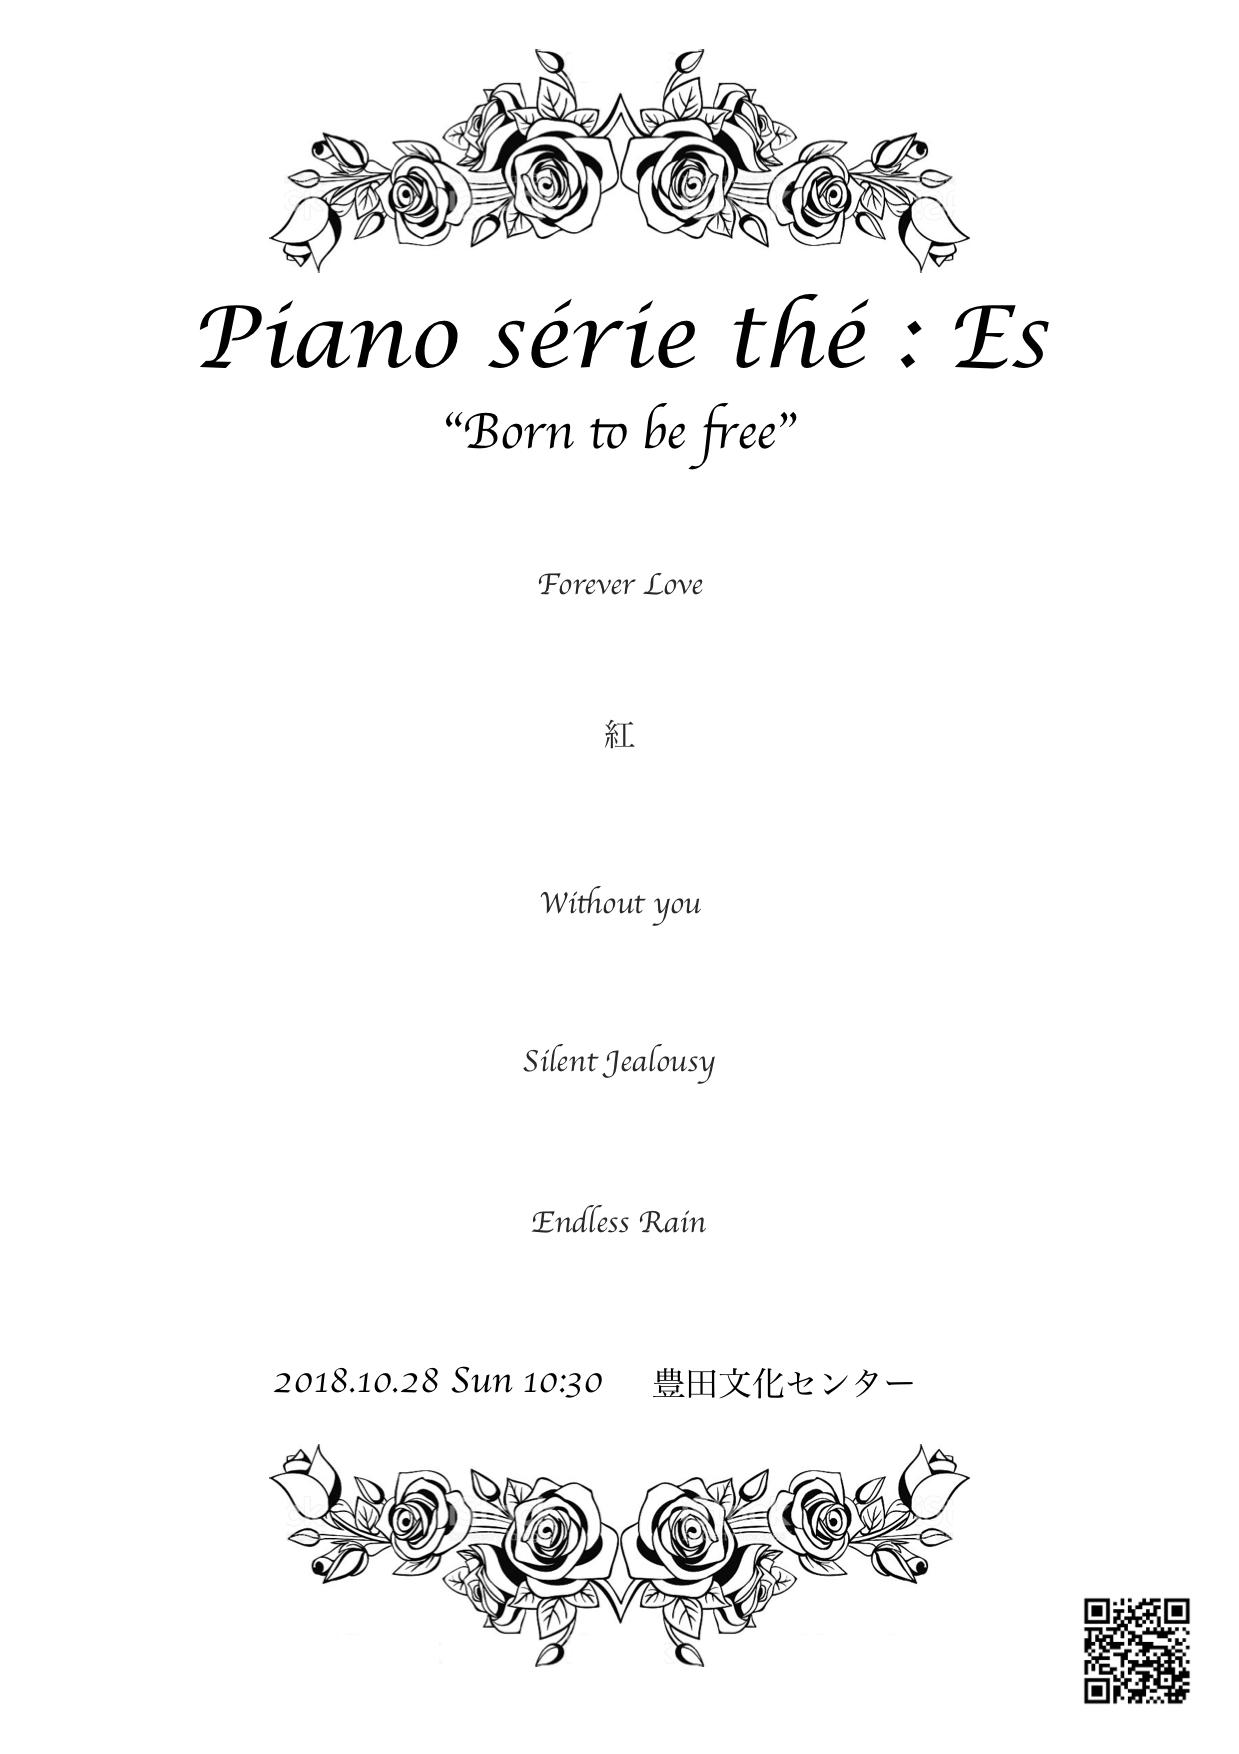 2018.10.28 KODA Piano série thé :Es